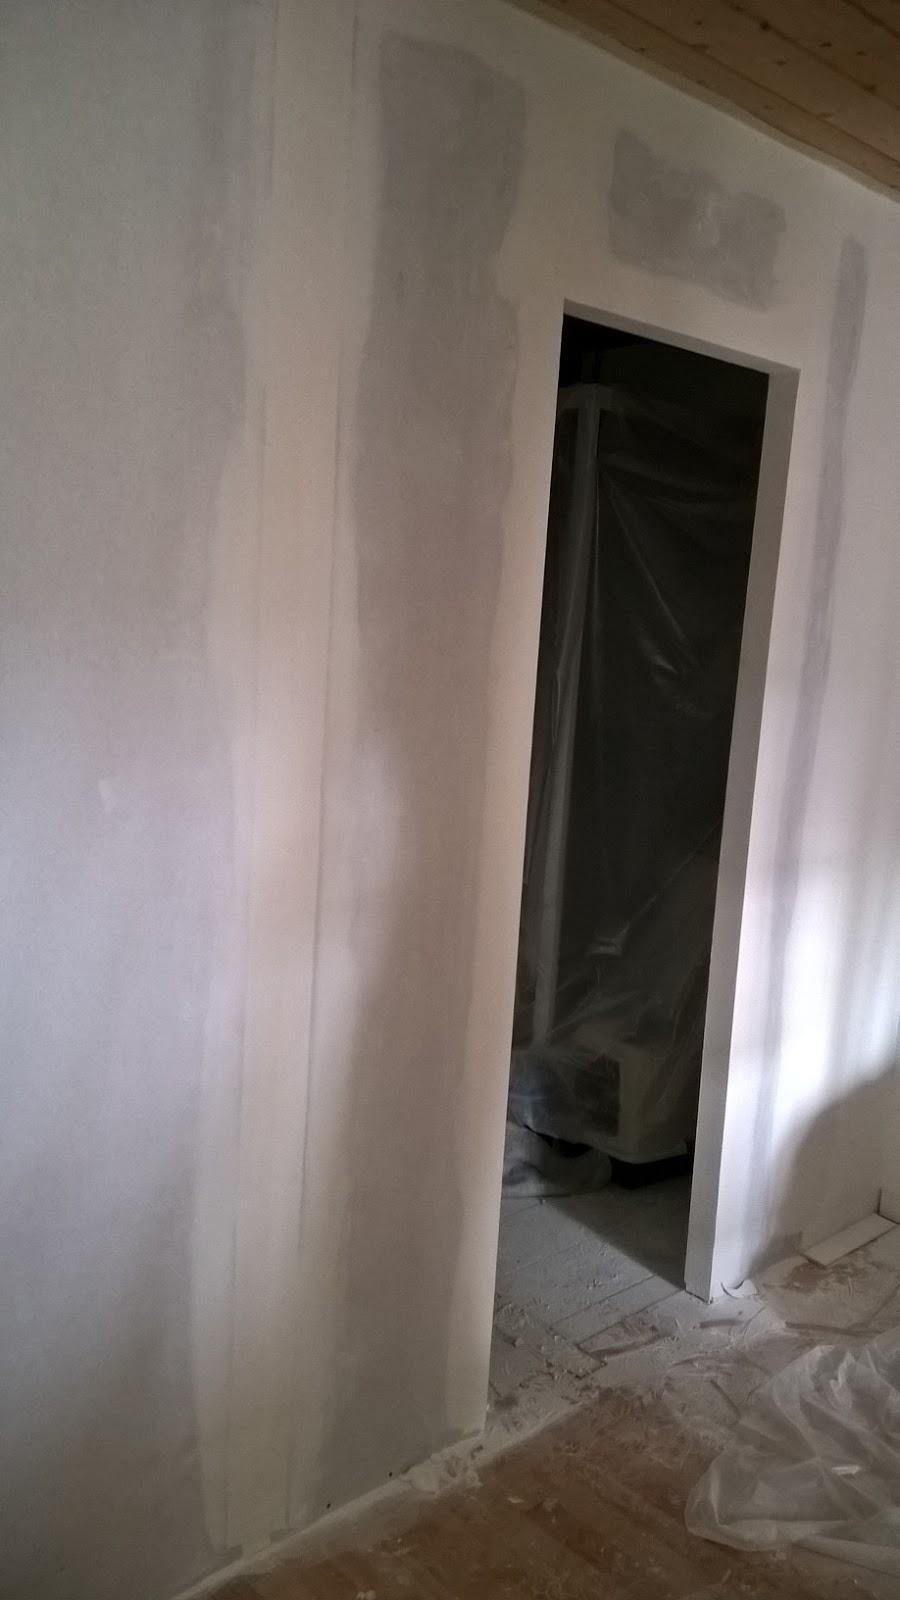 b t s montage cloison sur ossature pour futur sdb isolation 45 mm joint de placo 3 passes. Black Bedroom Furniture Sets. Home Design Ideas